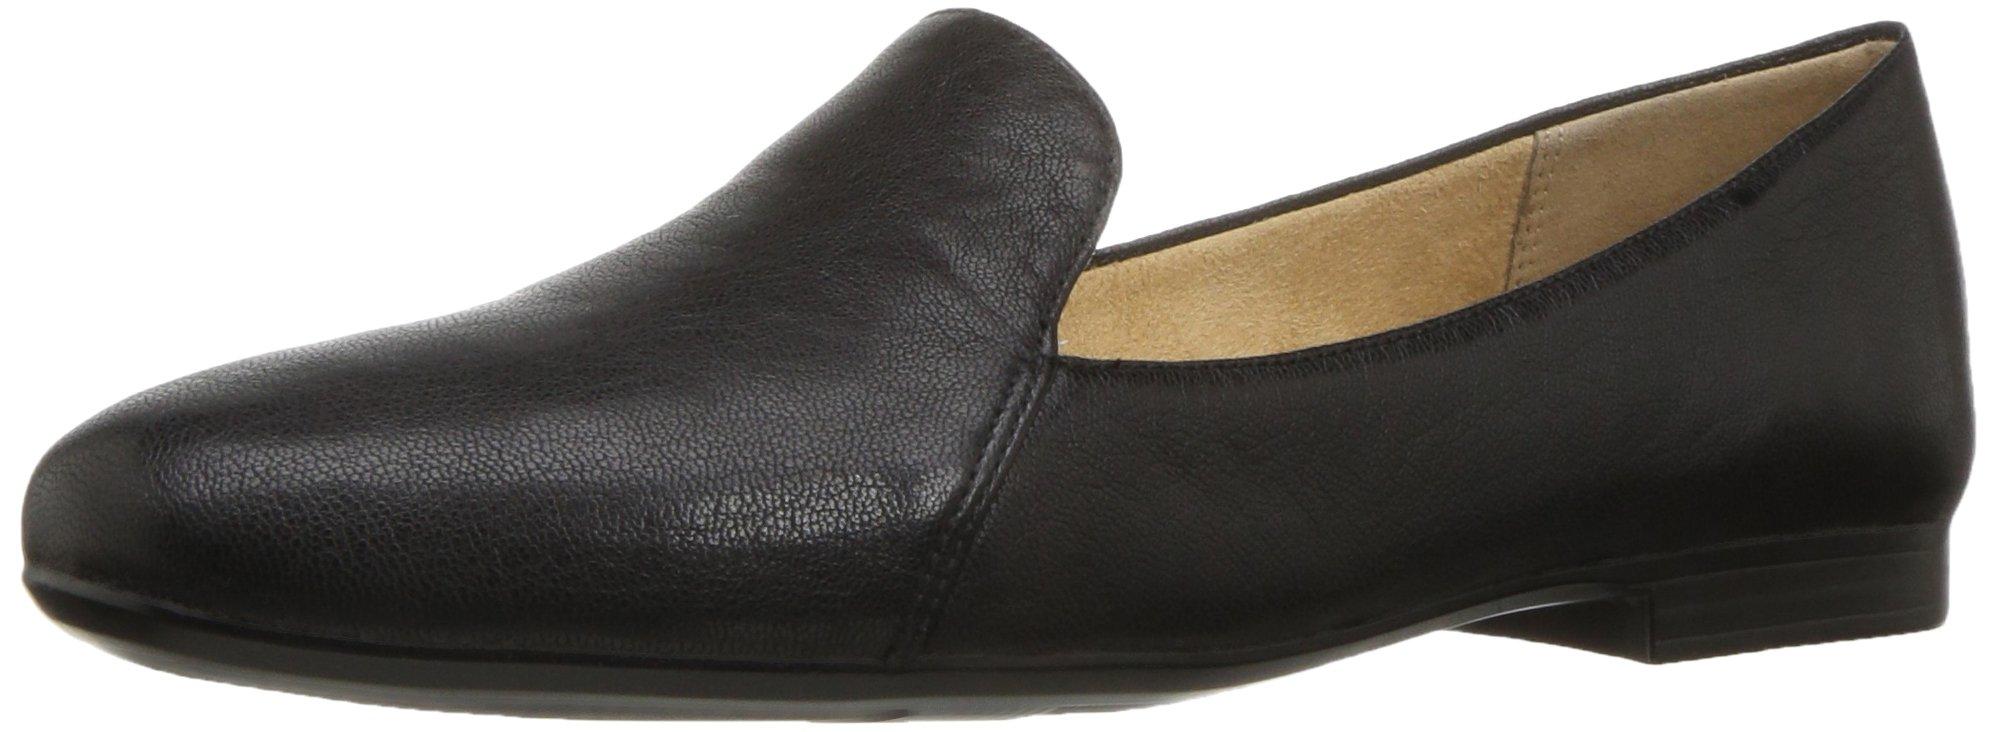 Naturalizer Women's Emiline Slip-on Loafer, Black, 7.5 M US